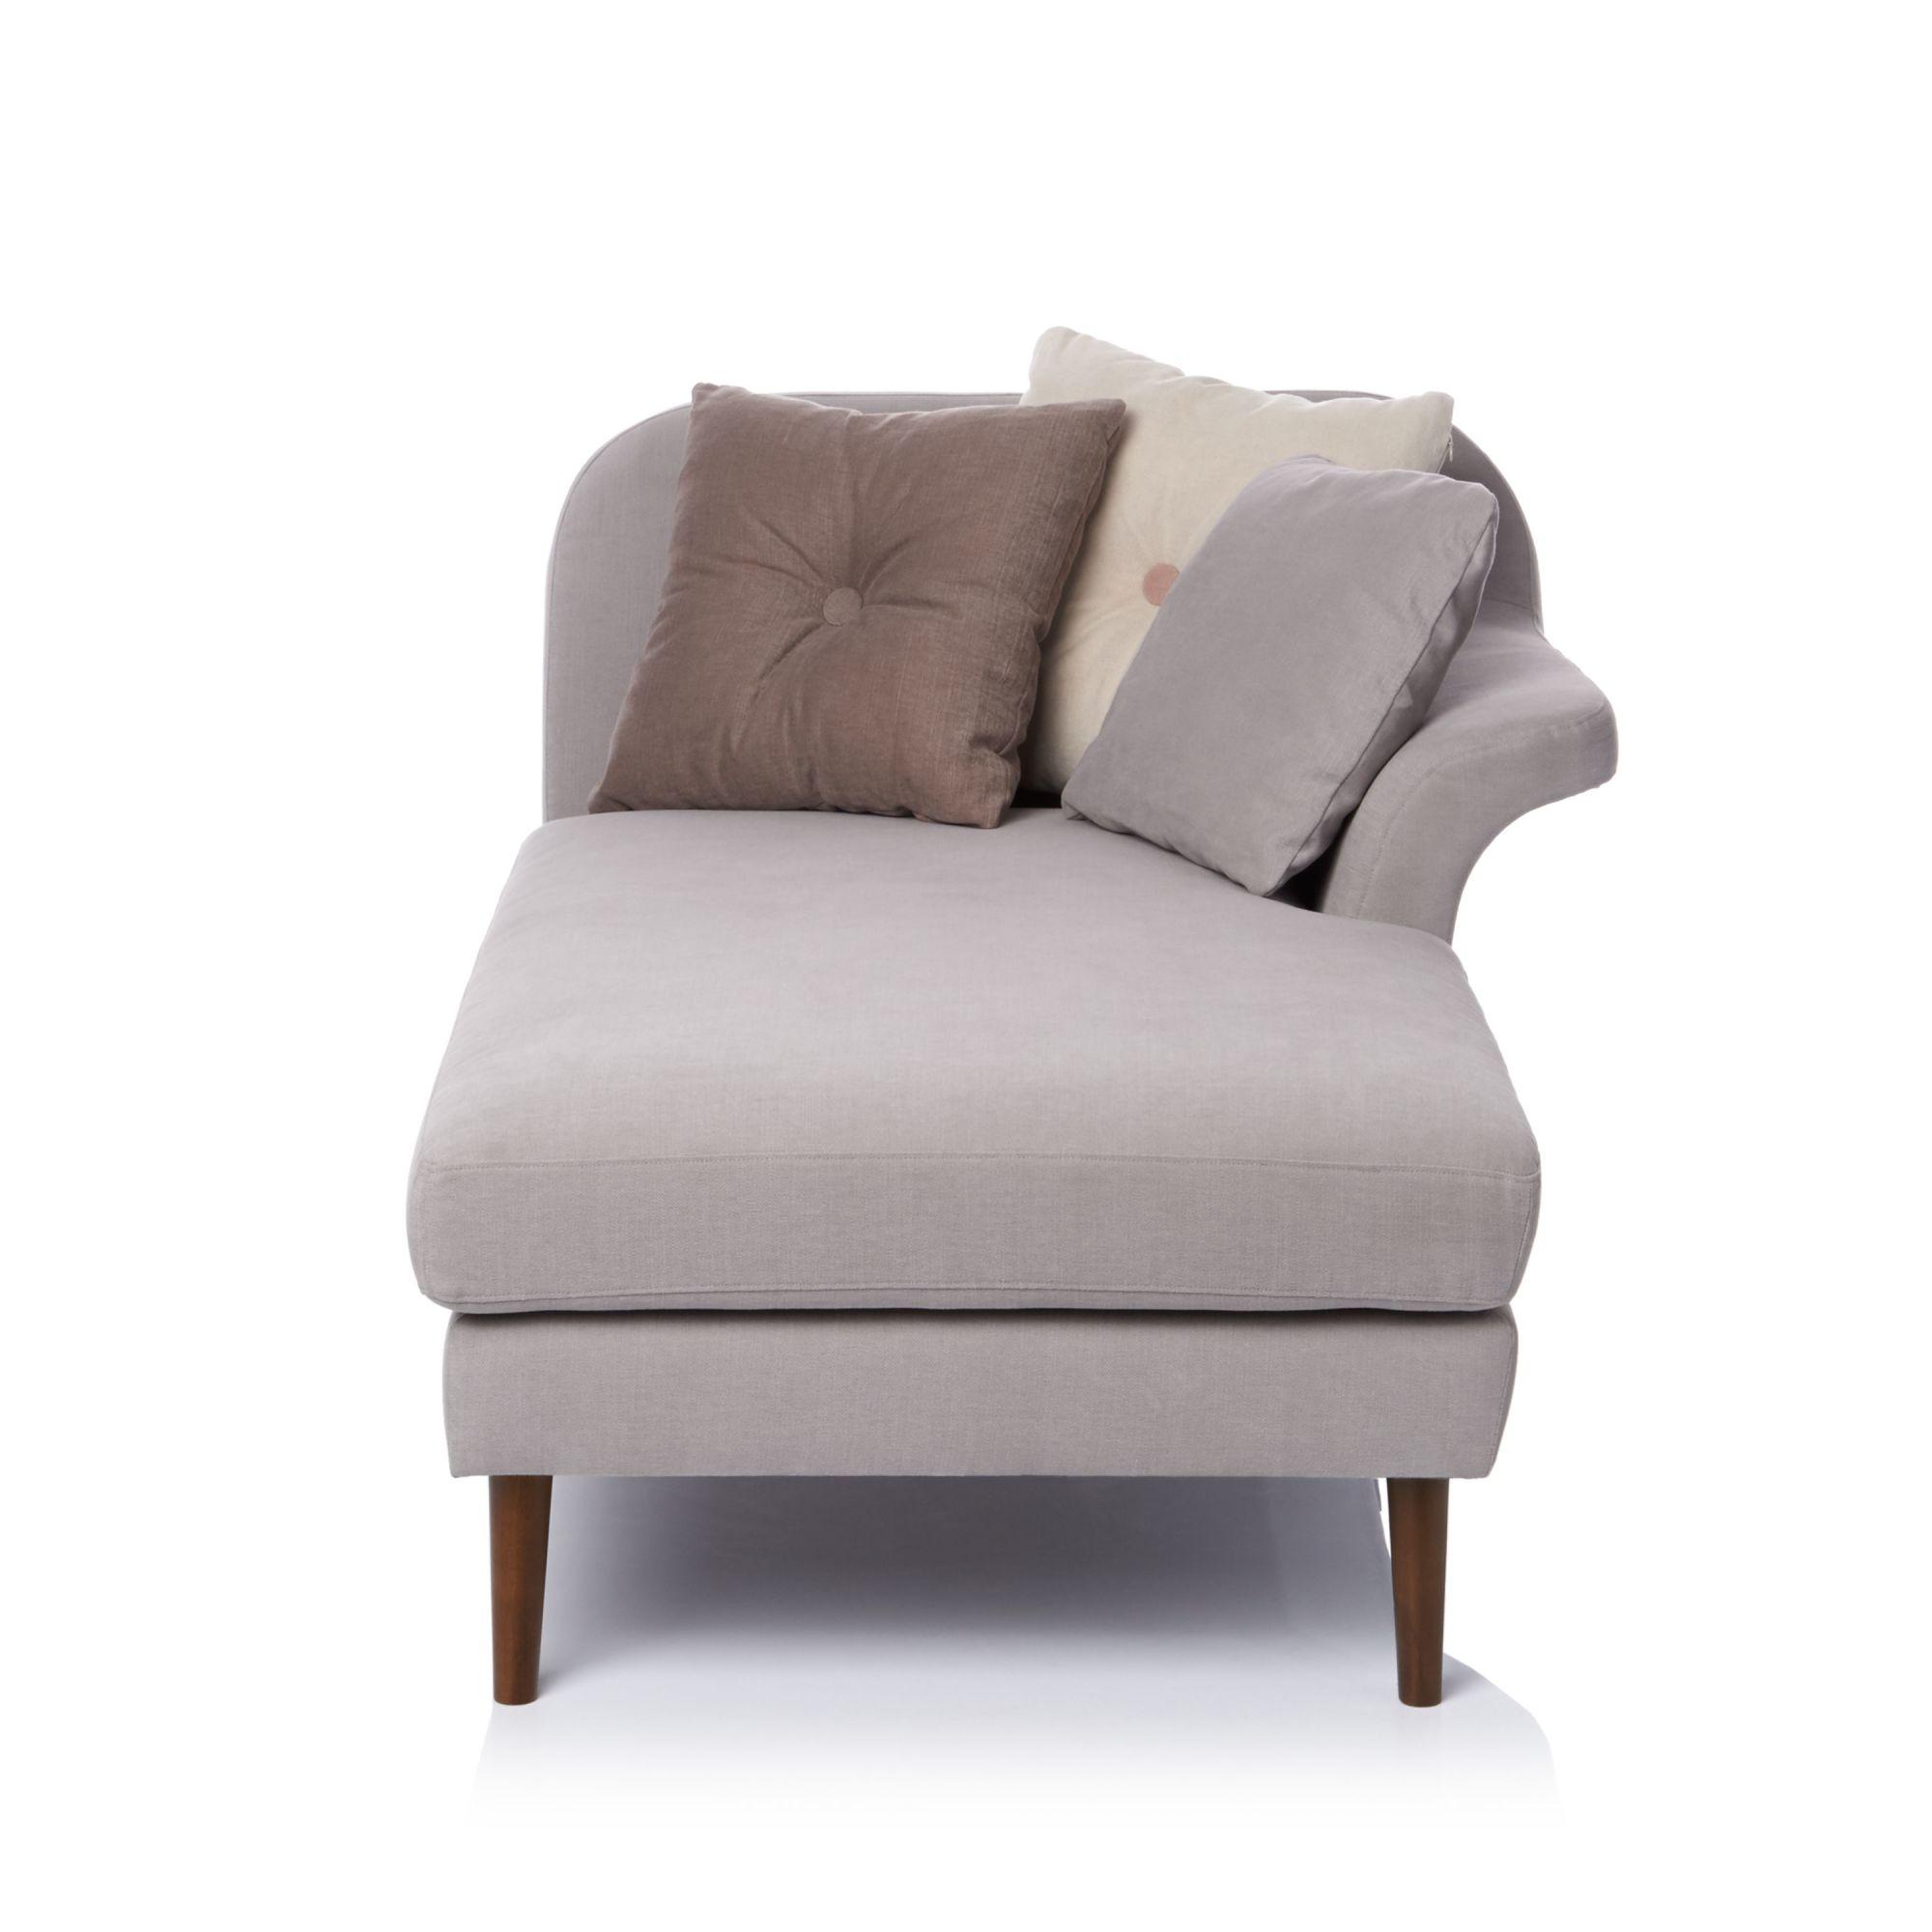 recamiere klein awesome best recamiere mit natur with recamiere with recamiere klein. Black Bedroom Furniture Sets. Home Design Ideas